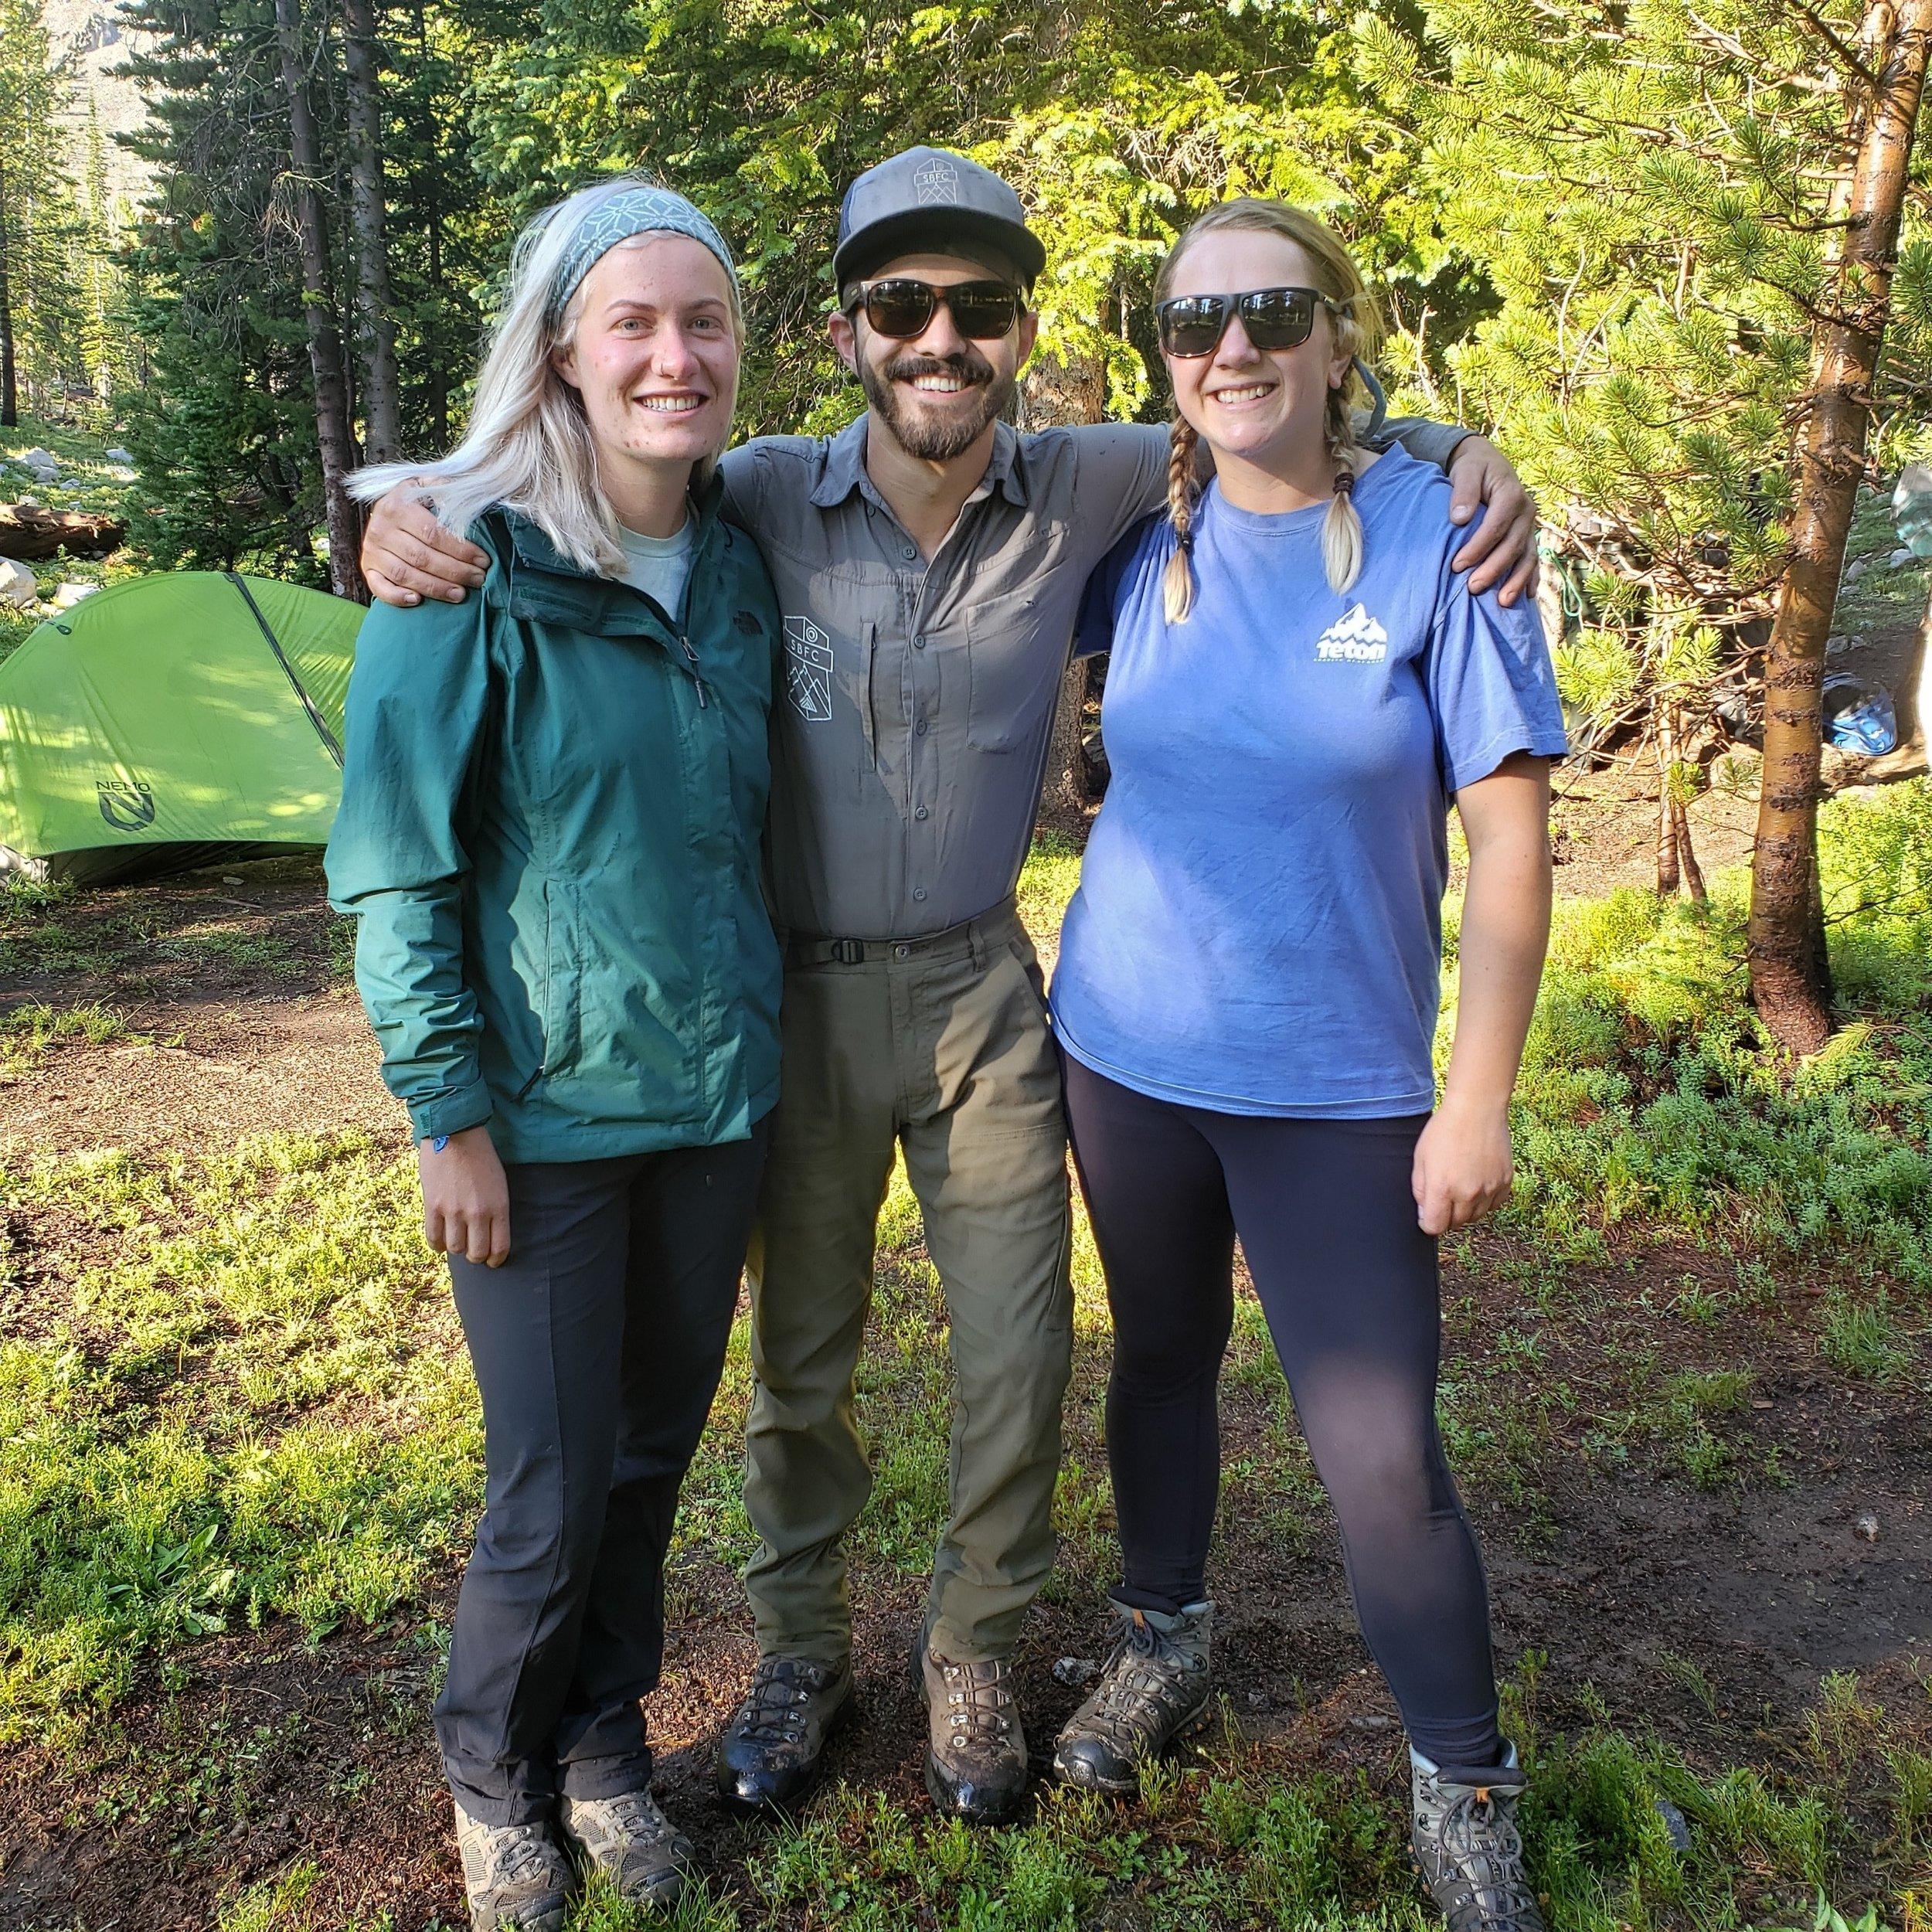 L2R - Hannah, Josh Page (SBFC Frank Church Wilderness Steward), Briana (SBFC WR Intern)